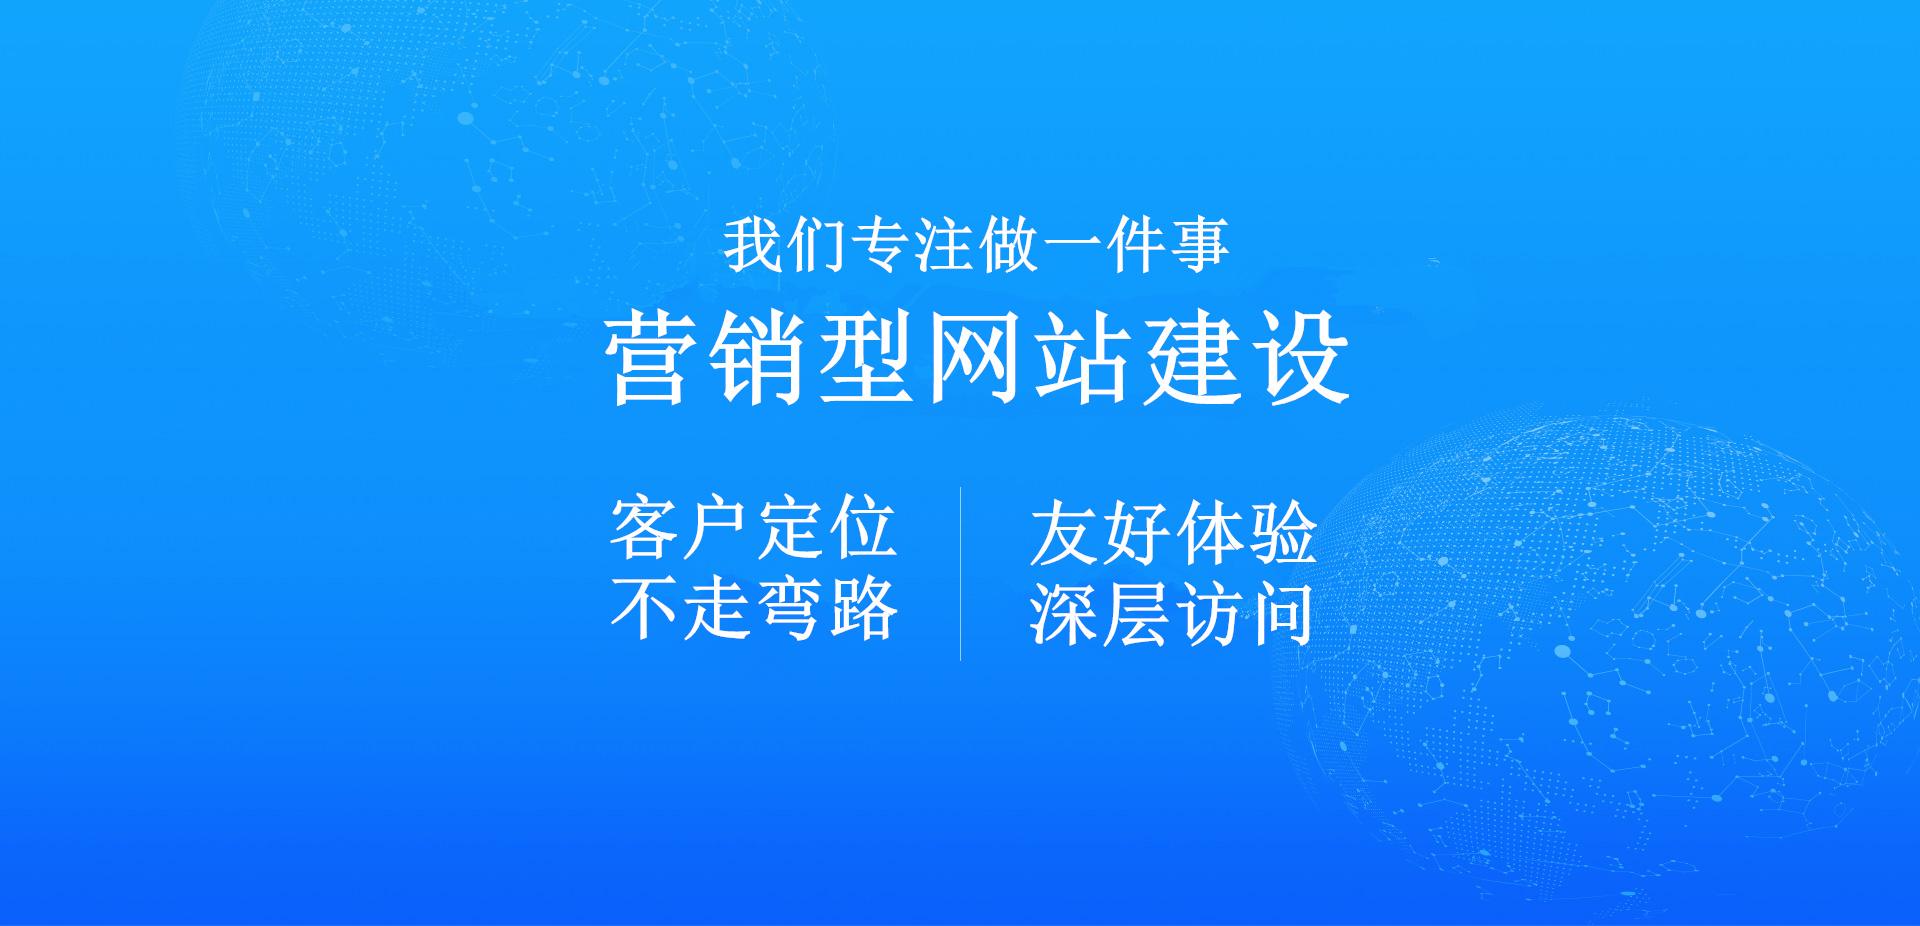 德阳网站设计